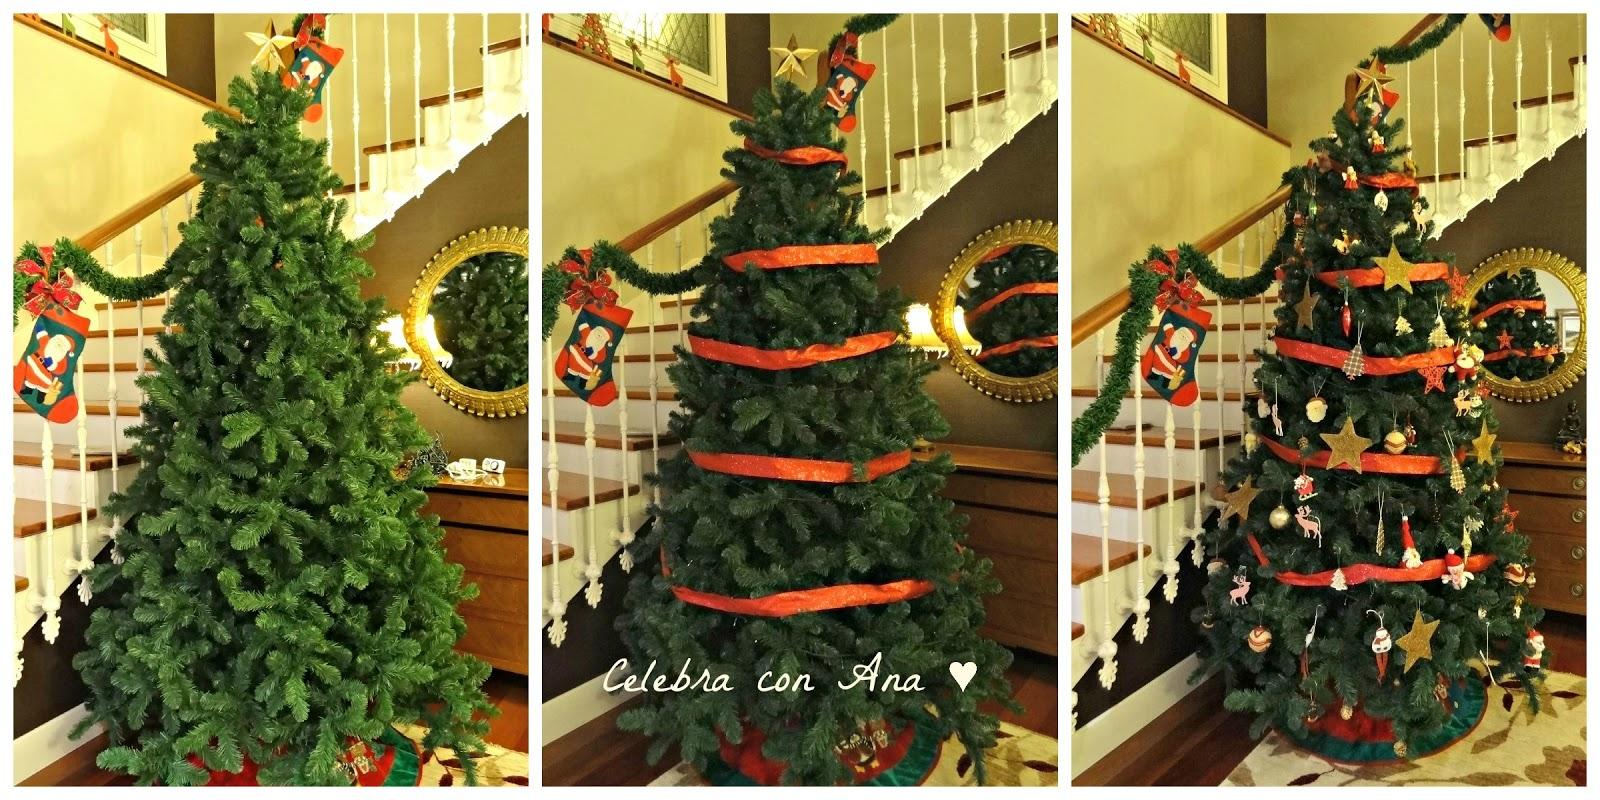 Celebra con ana compartiendo experiencias creativas - Arbol navidad casa ...